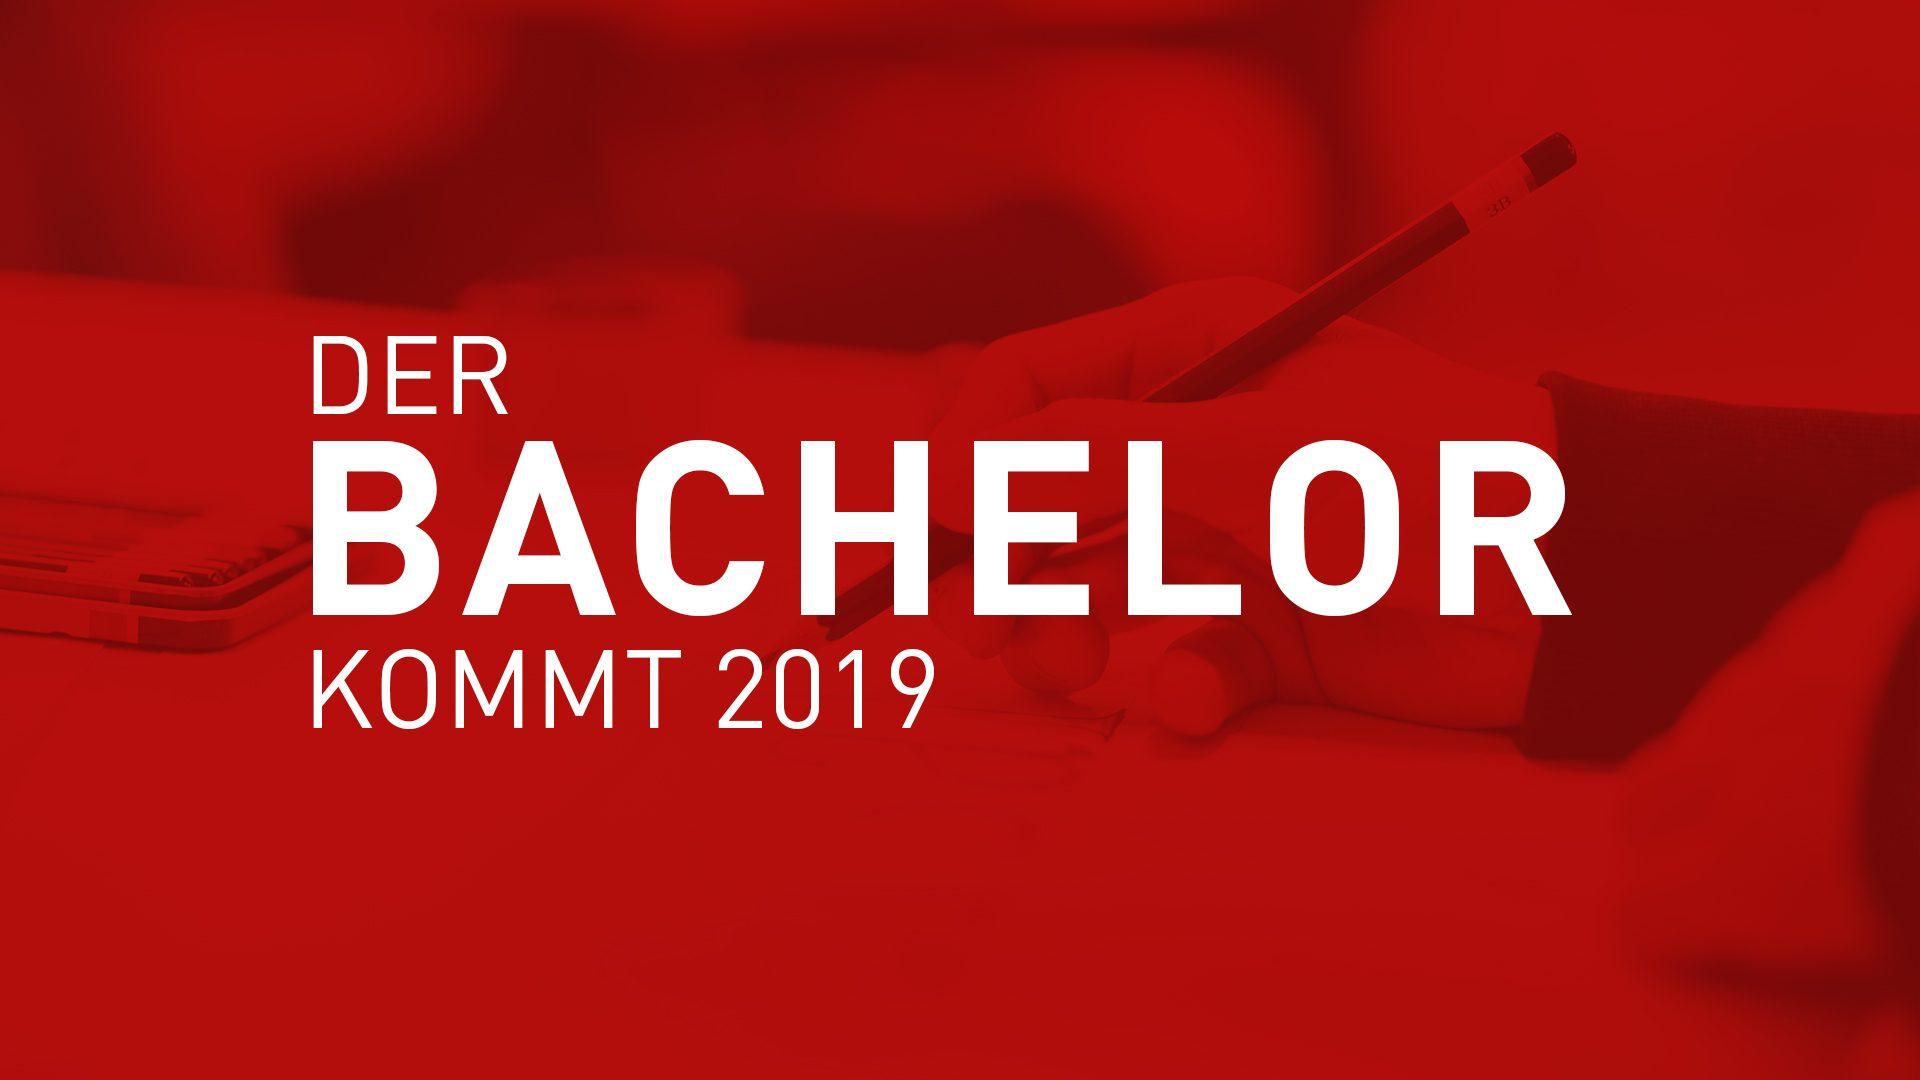 Der Bachelor kommt!